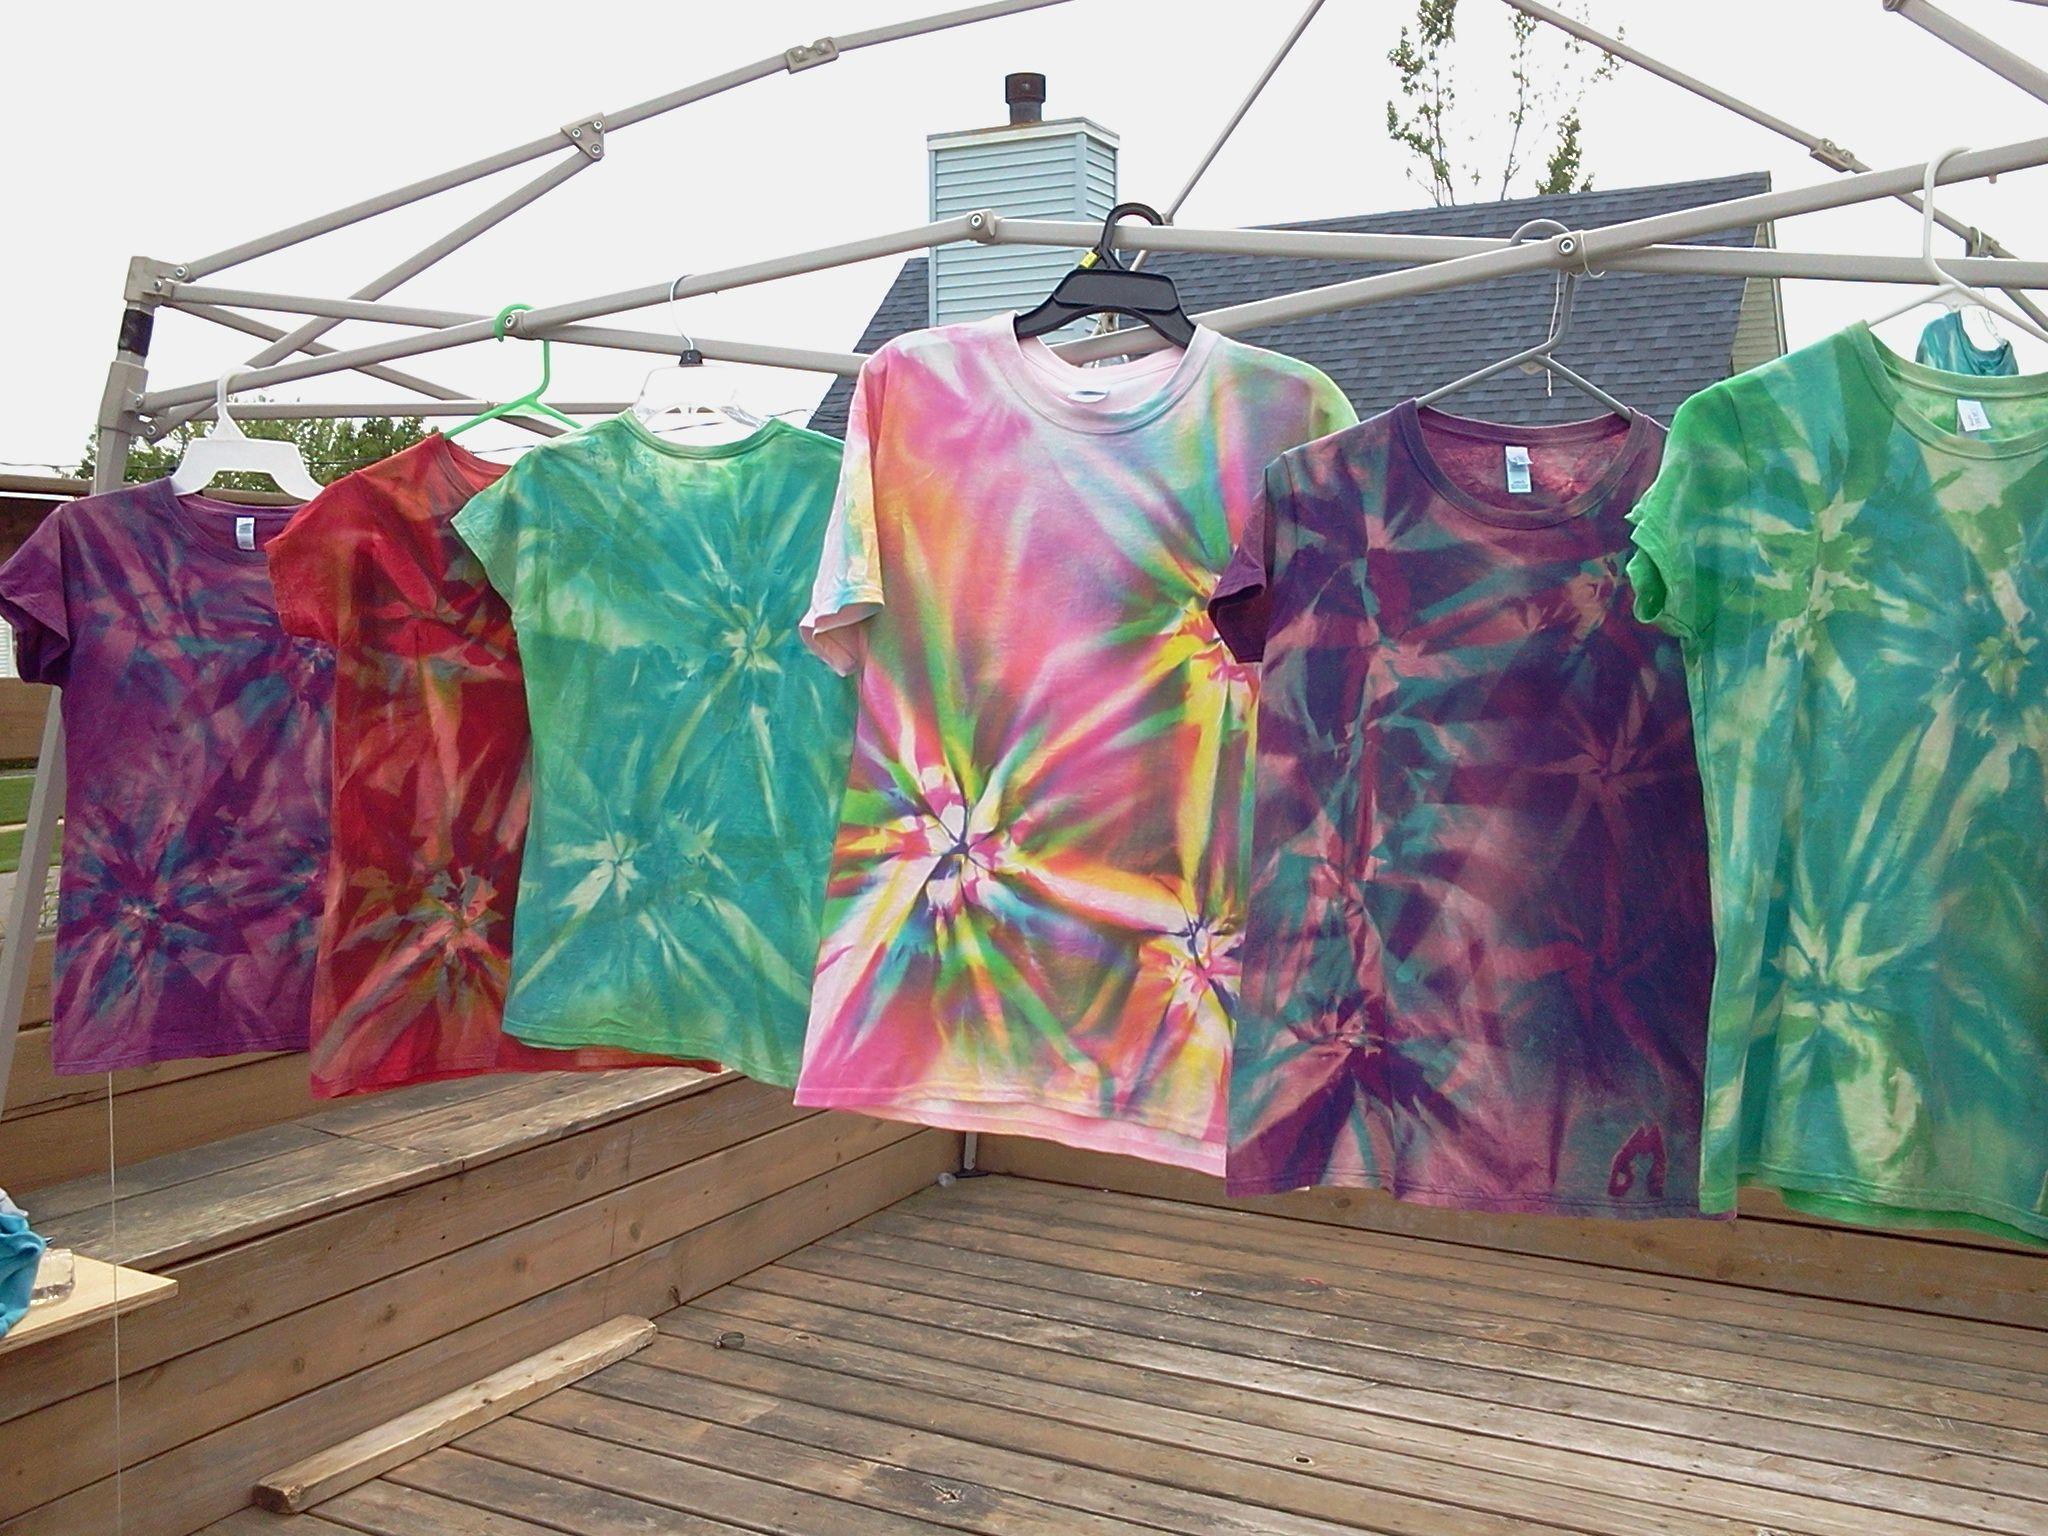 Check out the cool reverse tye dye reverse tye dye tye